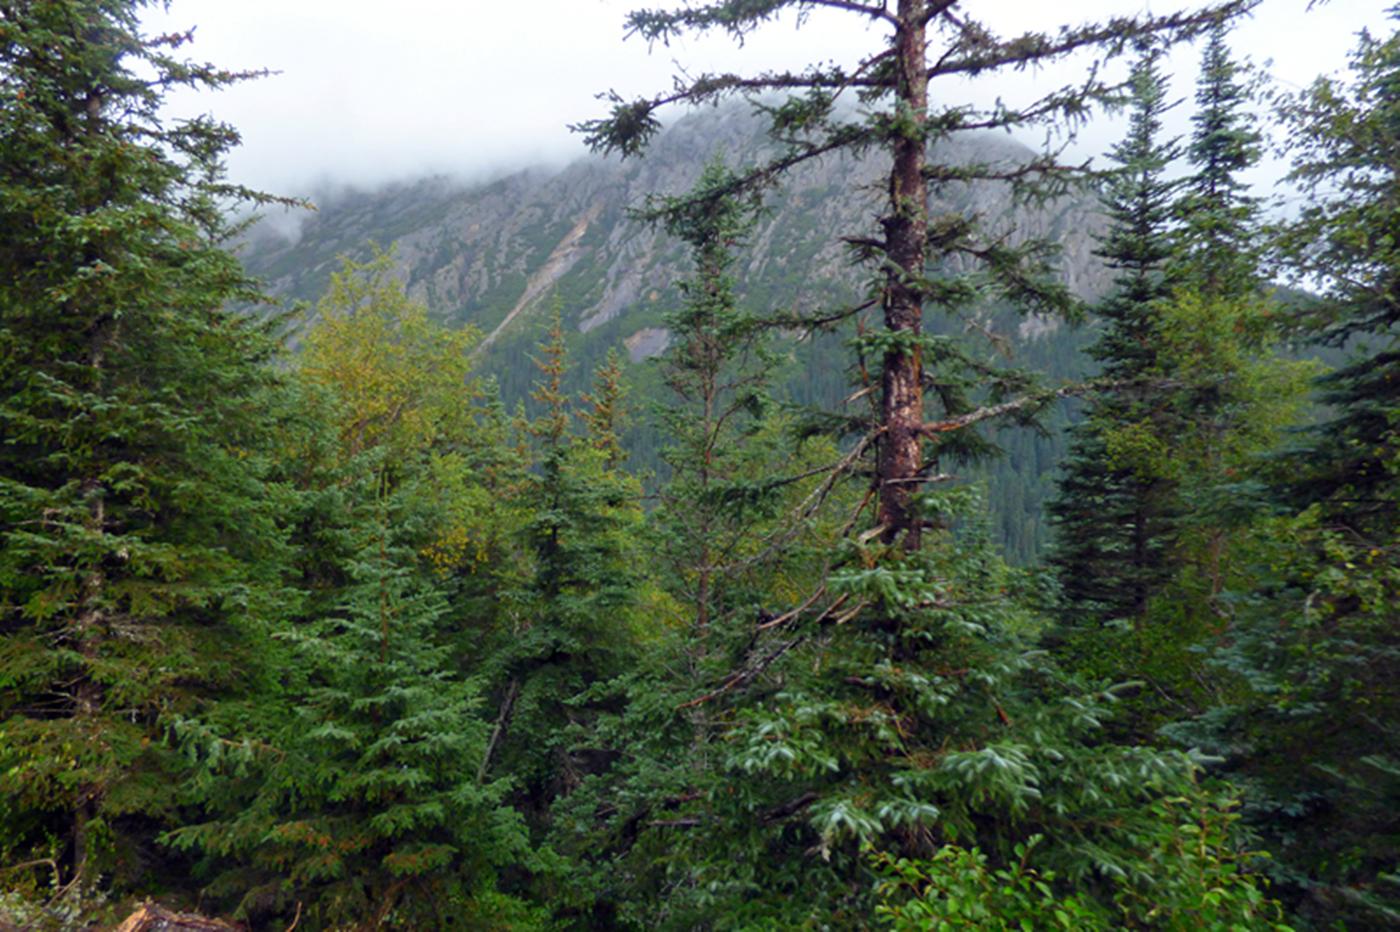 阿拉斯加,那山、那水、那人……_图1-19